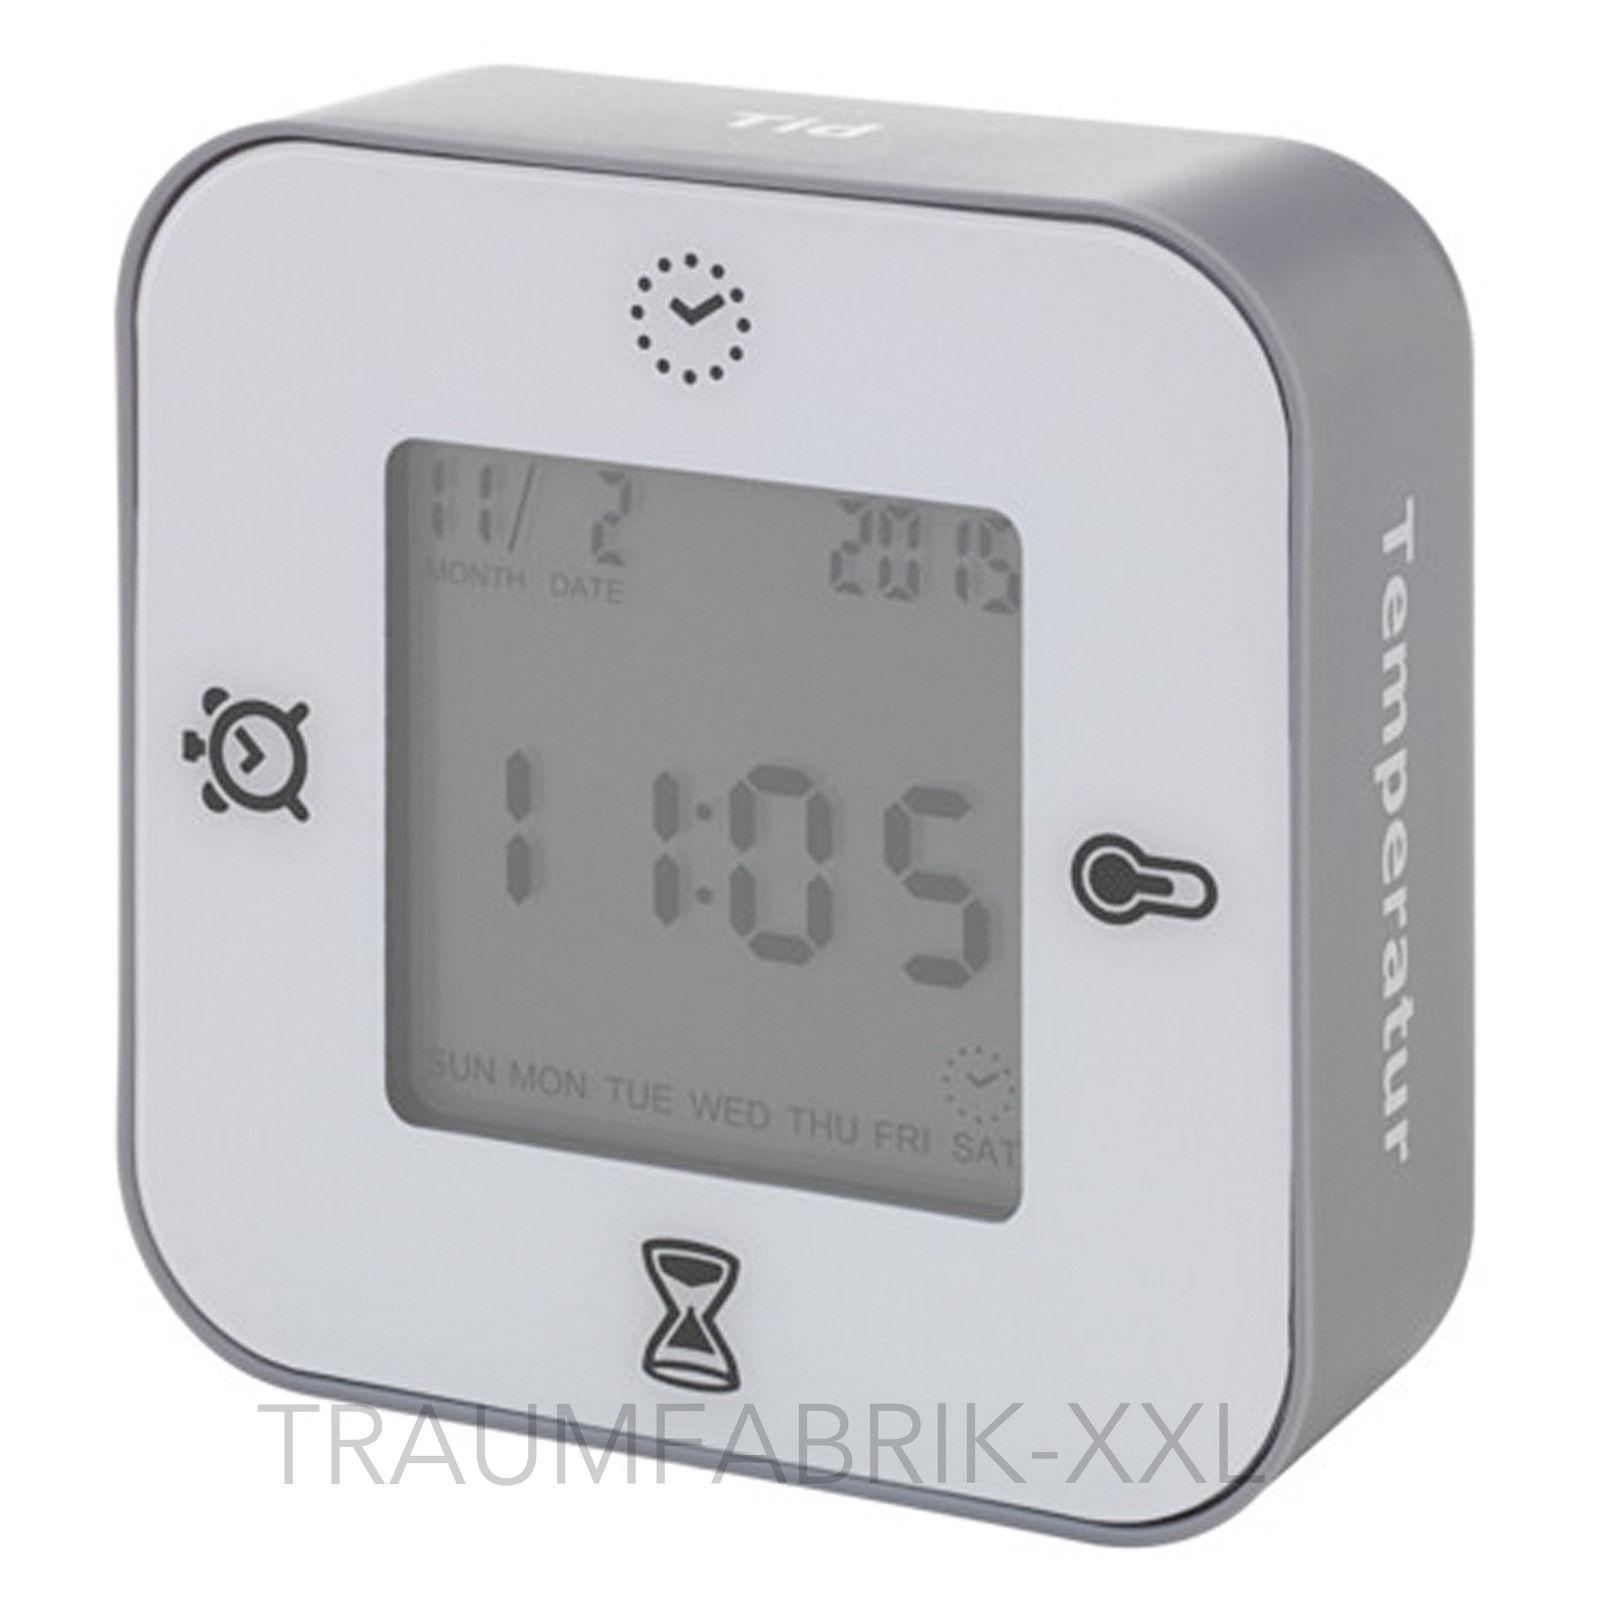 ikea l ttorp uhr wecker mit thermometer timer einfach. Black Bedroom Furniture Sets. Home Design Ideas